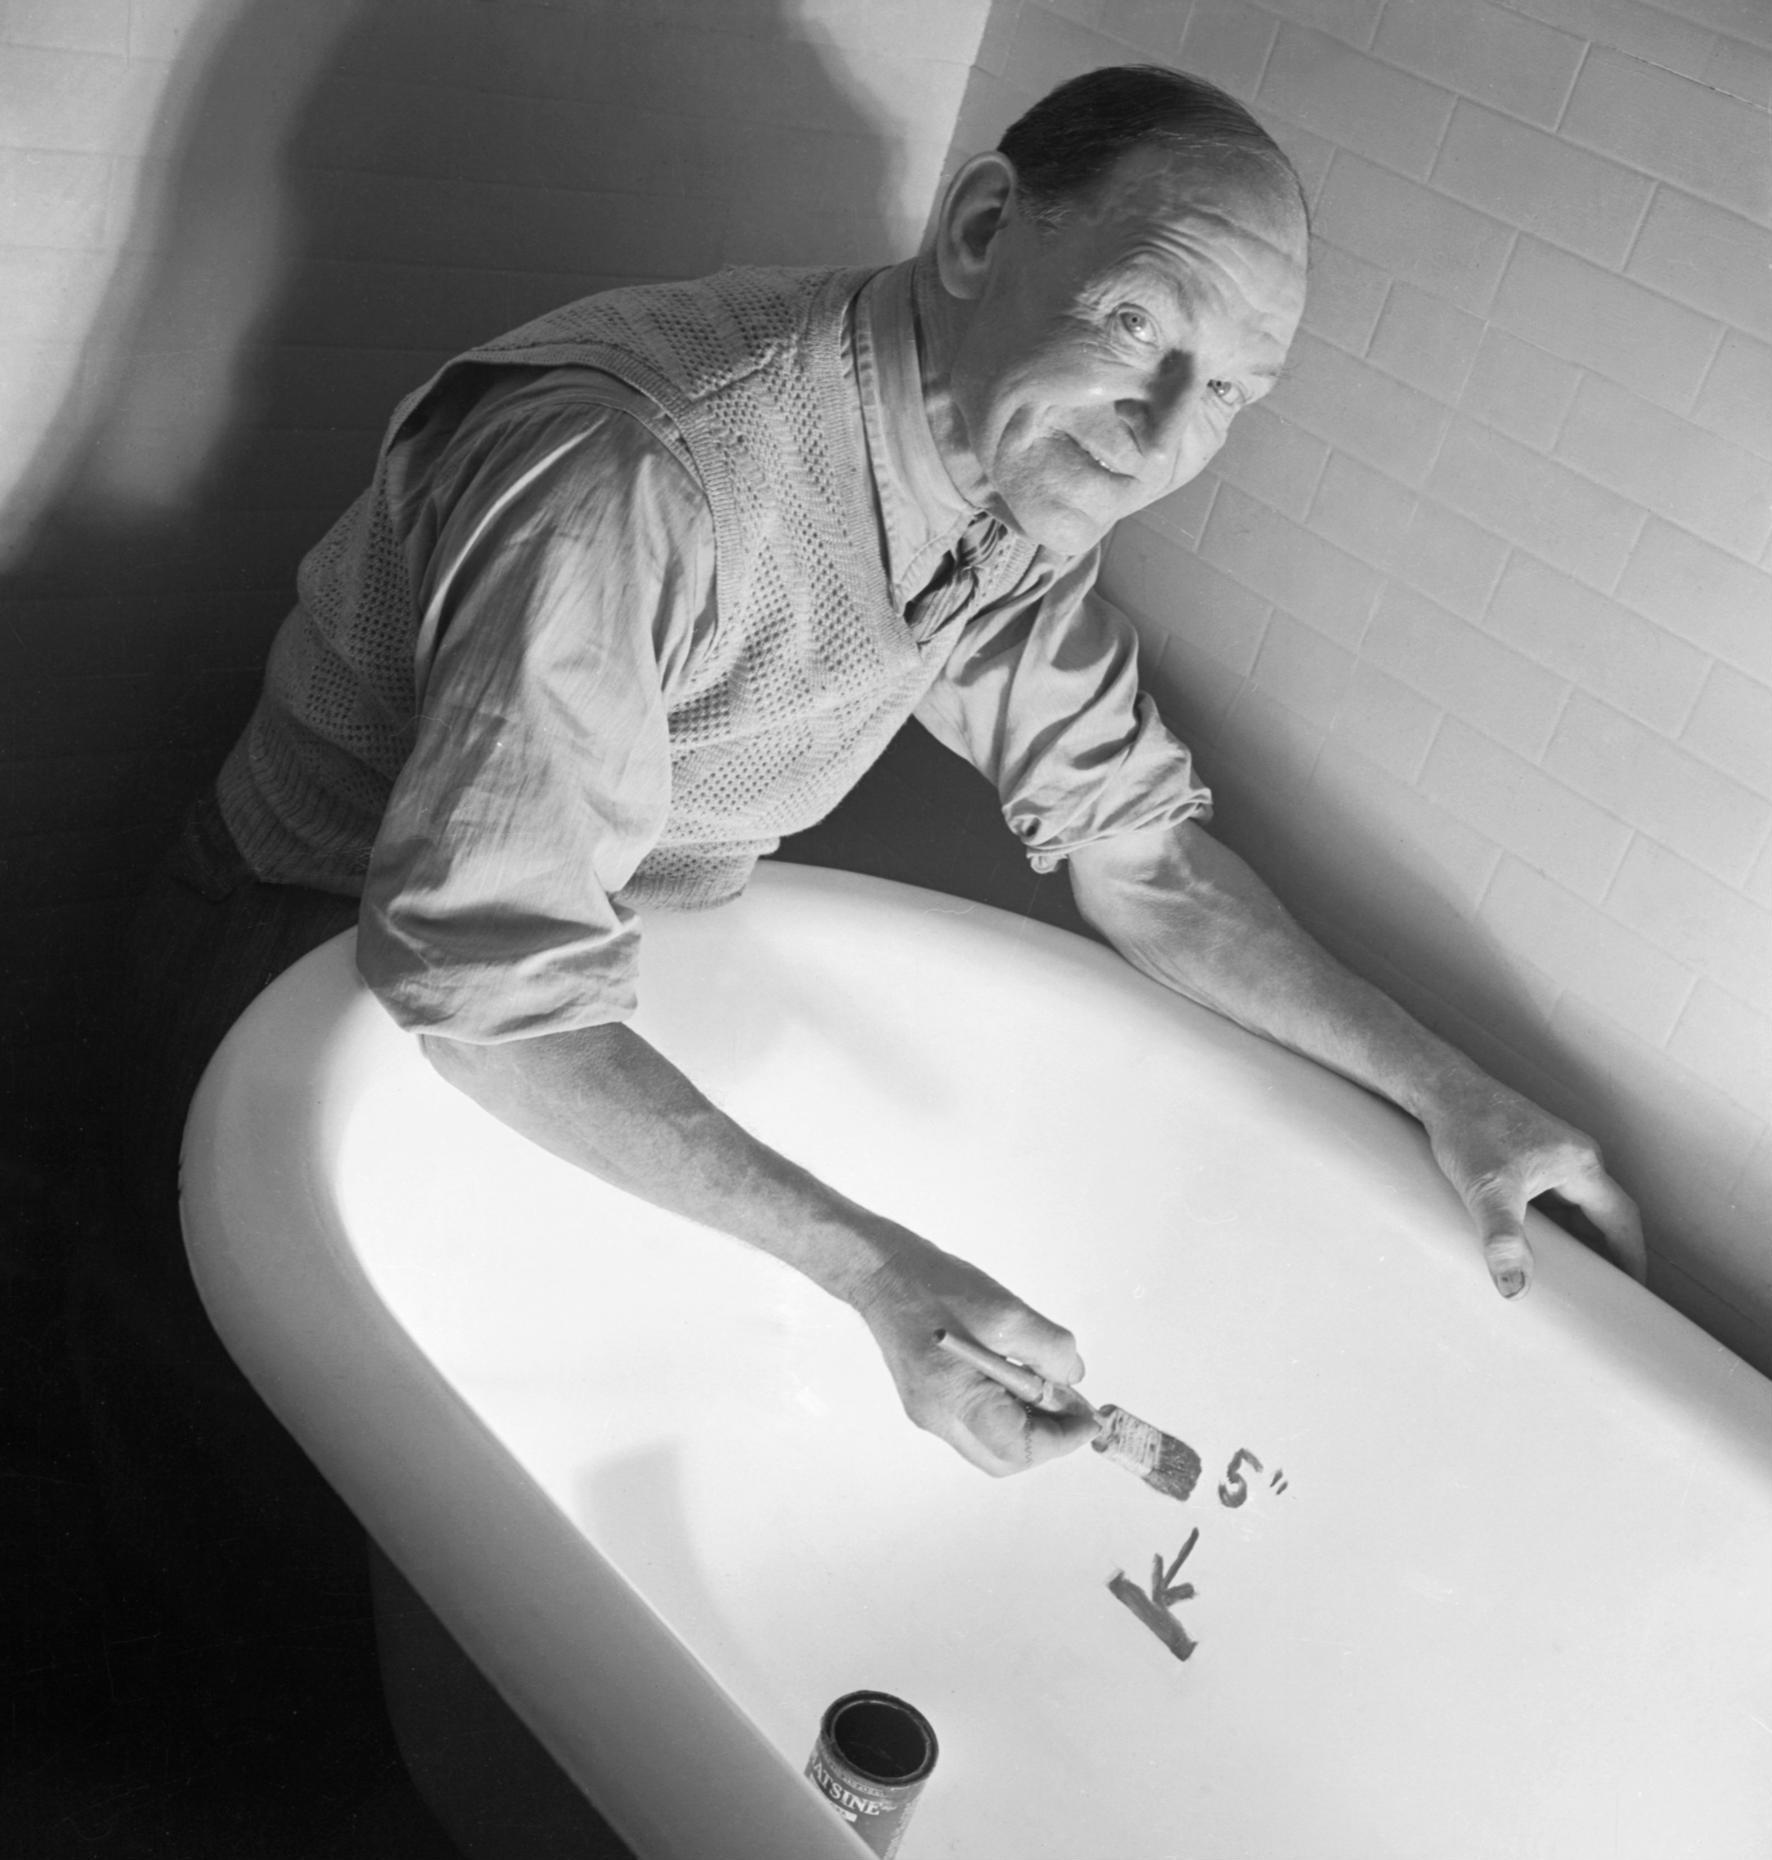 Wasserverbrauch Badewanne wasserverbrauch